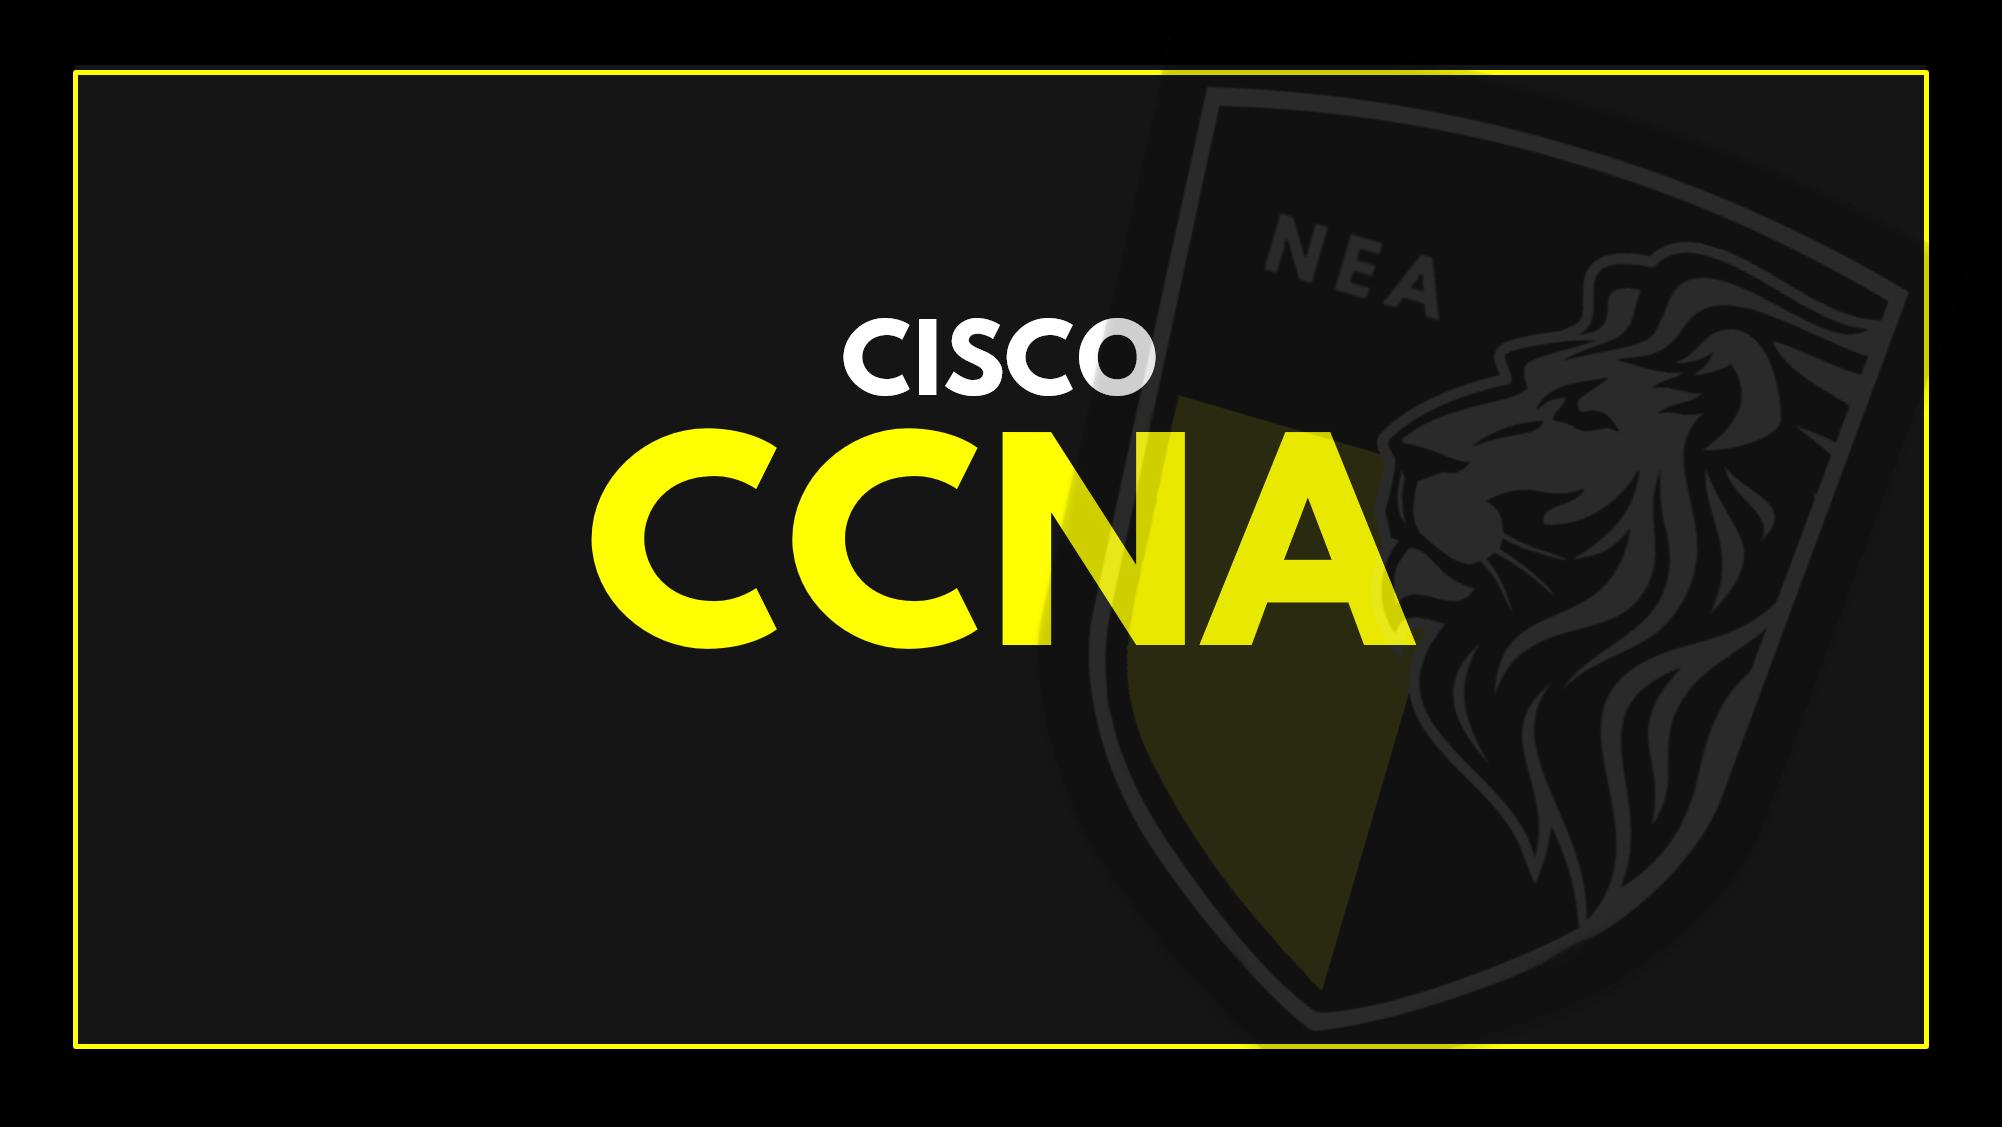 CISCO CCNA 200-301 NEA TRAINING